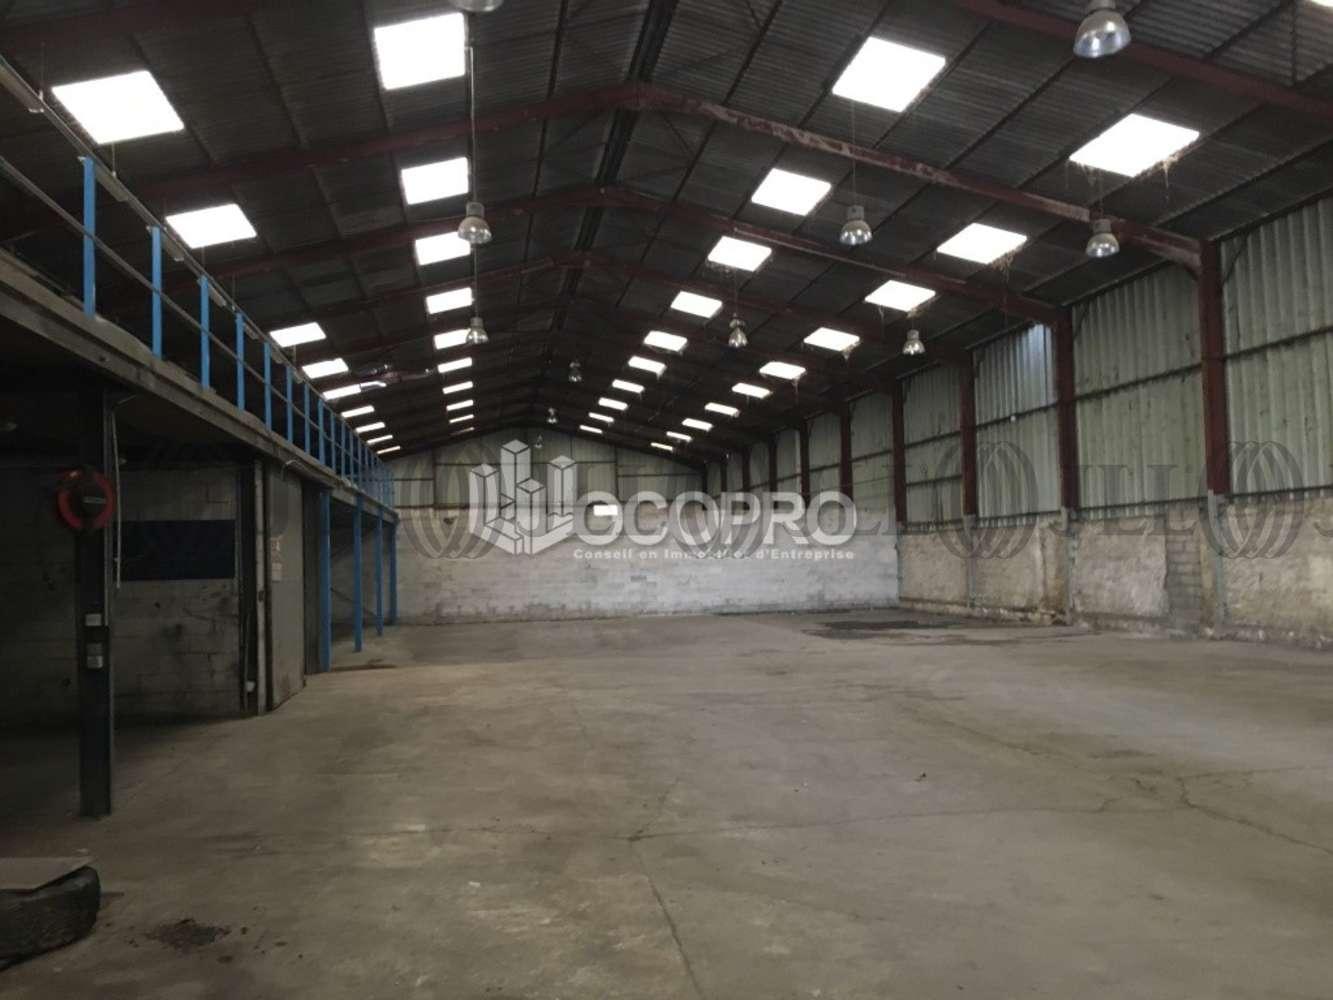 Activités/entrepôt Mandelieu la napoule, 06210 - MANDELIEU-LA-NAPOULE - 10939448